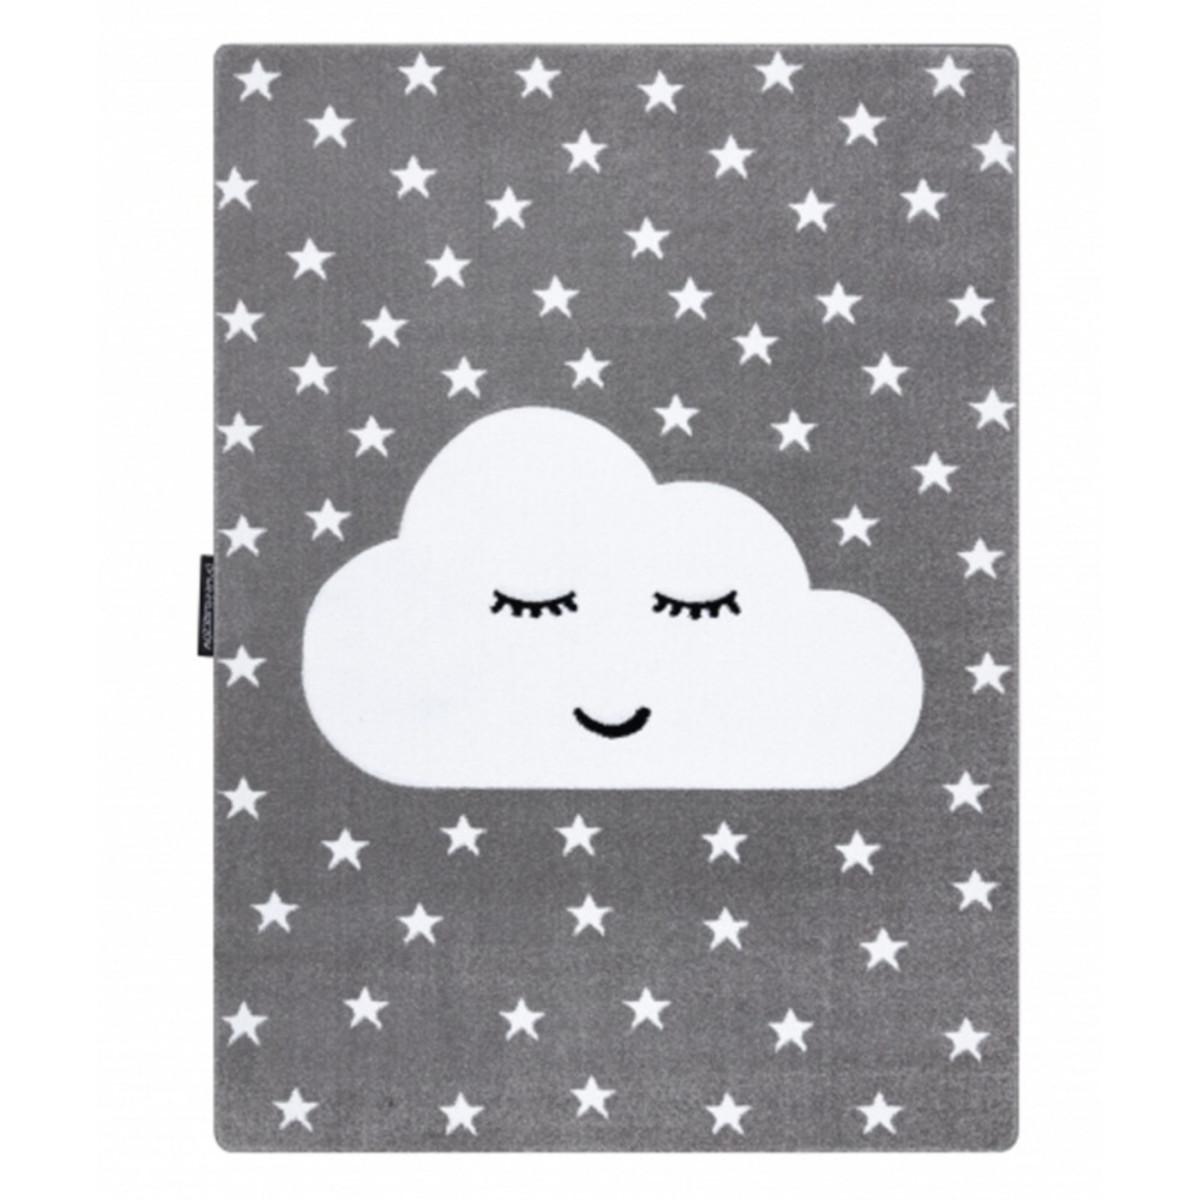 Detský koberec PETIT - Mráček - sivý Cloud rug - grey 80 x 150 cm